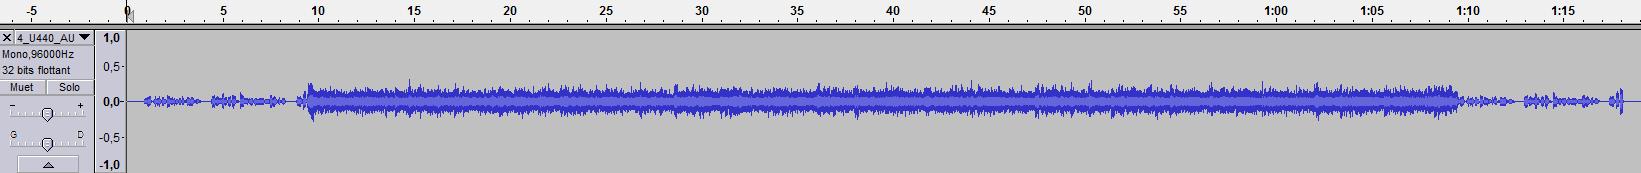 blog audioprothesiste 28 août 2017 audition binaurale (5) capacités cognitives (44) splogramme (13) stéréophonie (4) audioprothese (89) histoire de l'audioprothèse (36) audioprothesiste (22) blog-audioprothésiste (4) breaking news de l' audioprothèse (24) chaînes de mesure (42) affinity (27) audioscan (8) aurical (12) fonix (6.